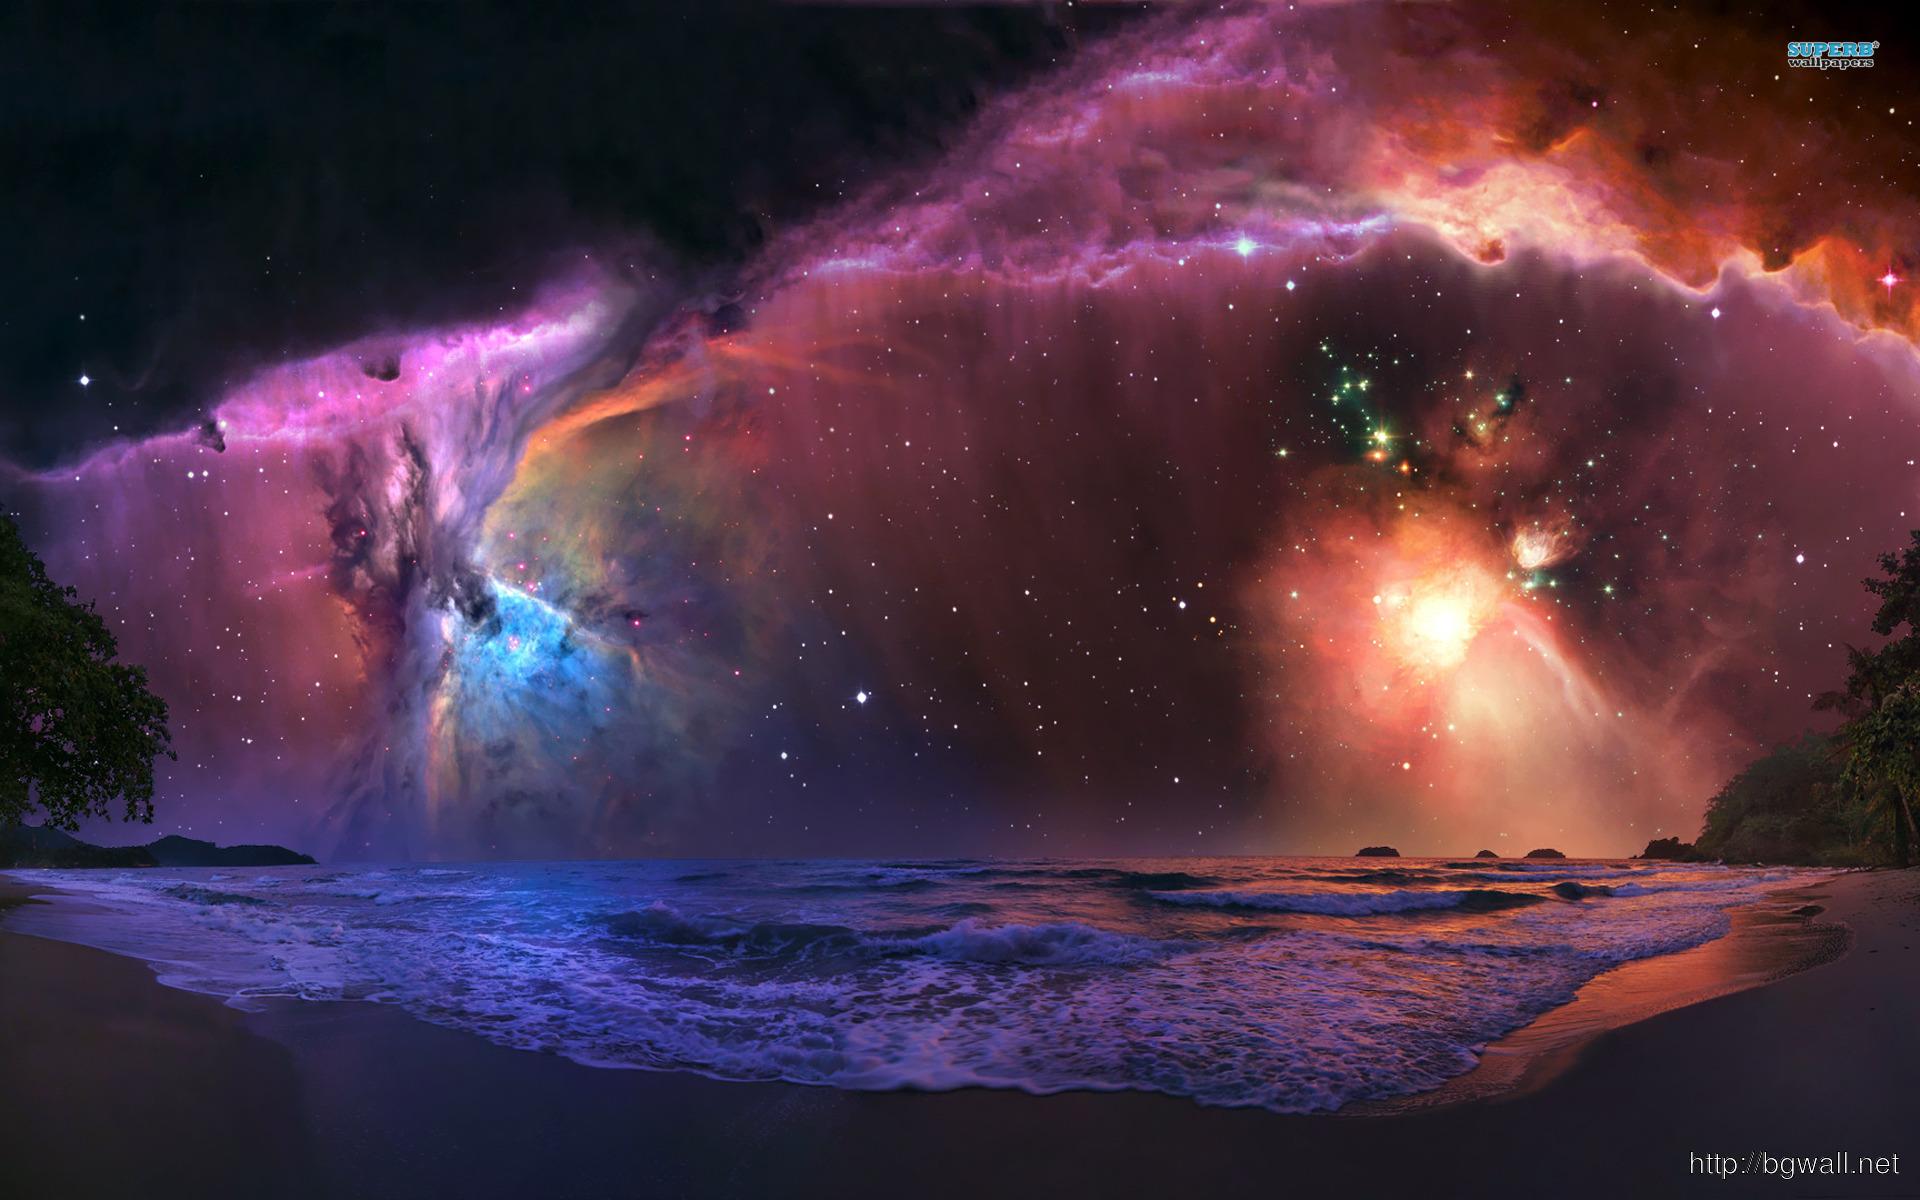 Nebula Over The Beach Wallpaper Full Size